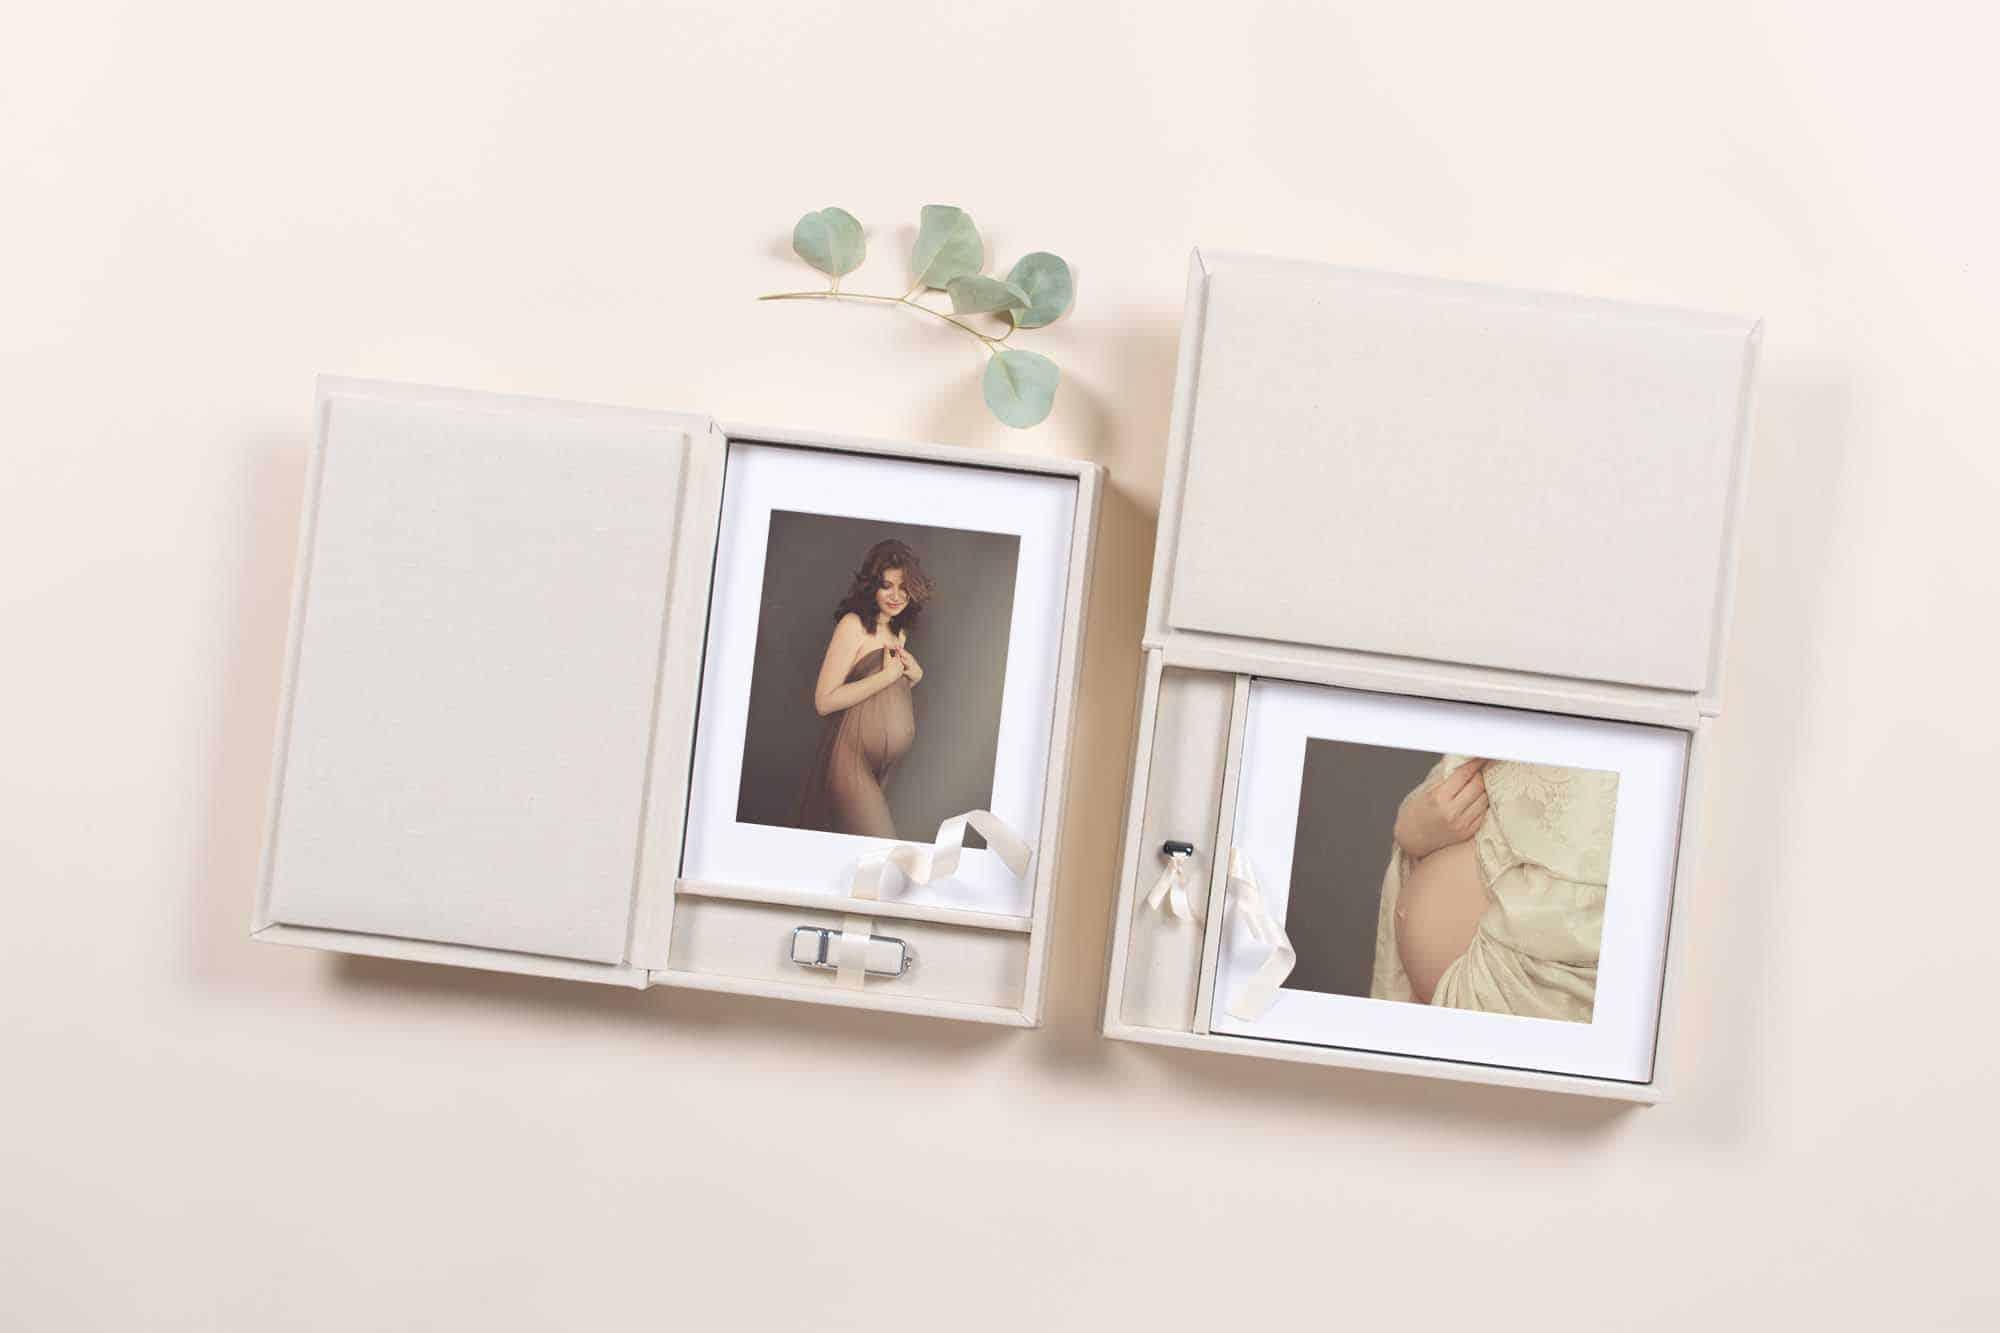 Babybauch-shooting-frankfurt gedrucktes Bild in einer hellen Box